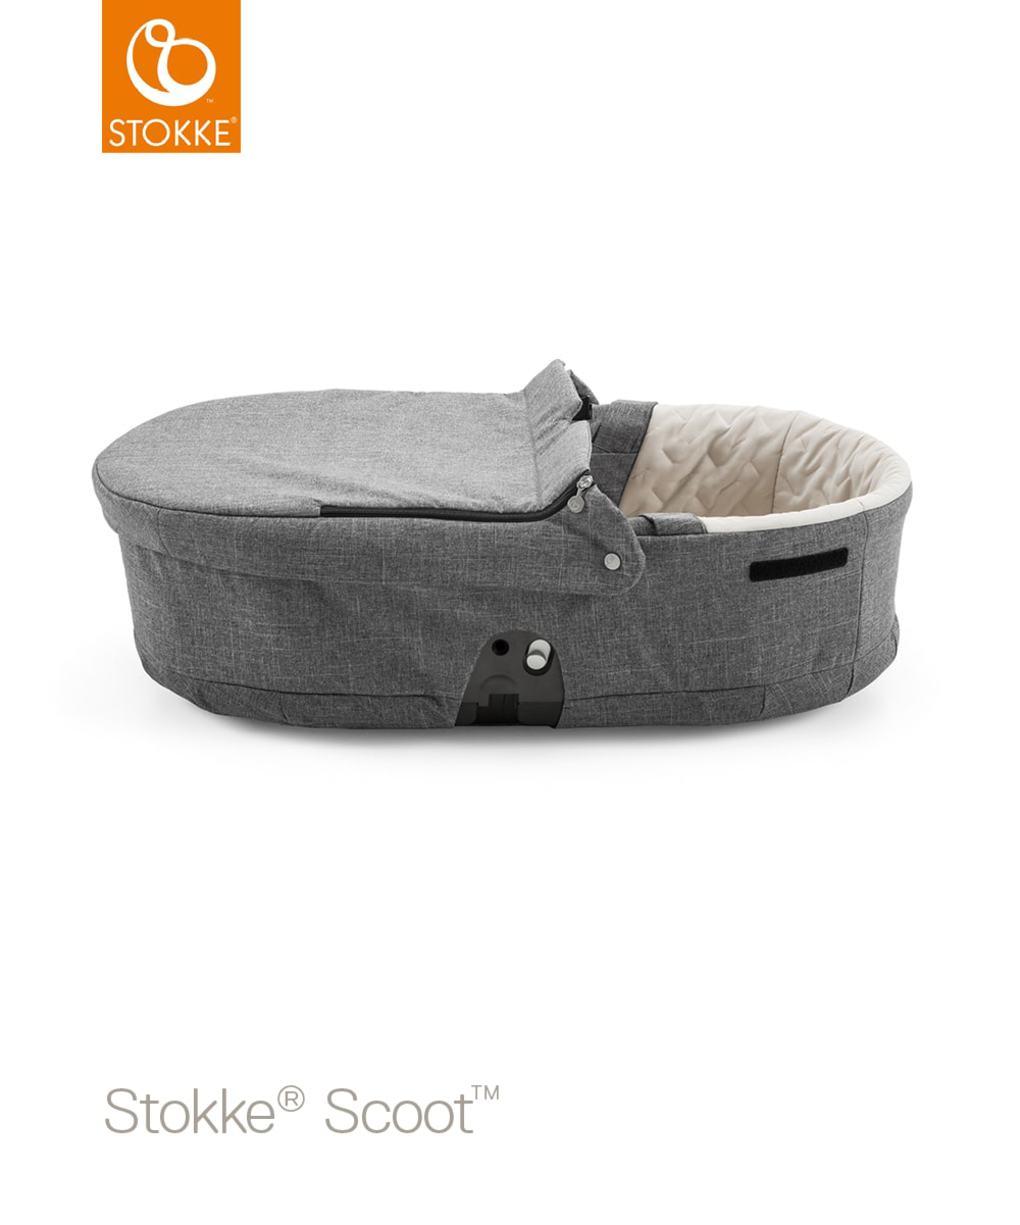 Navicella per stokke® scoot - black melange - Stokke